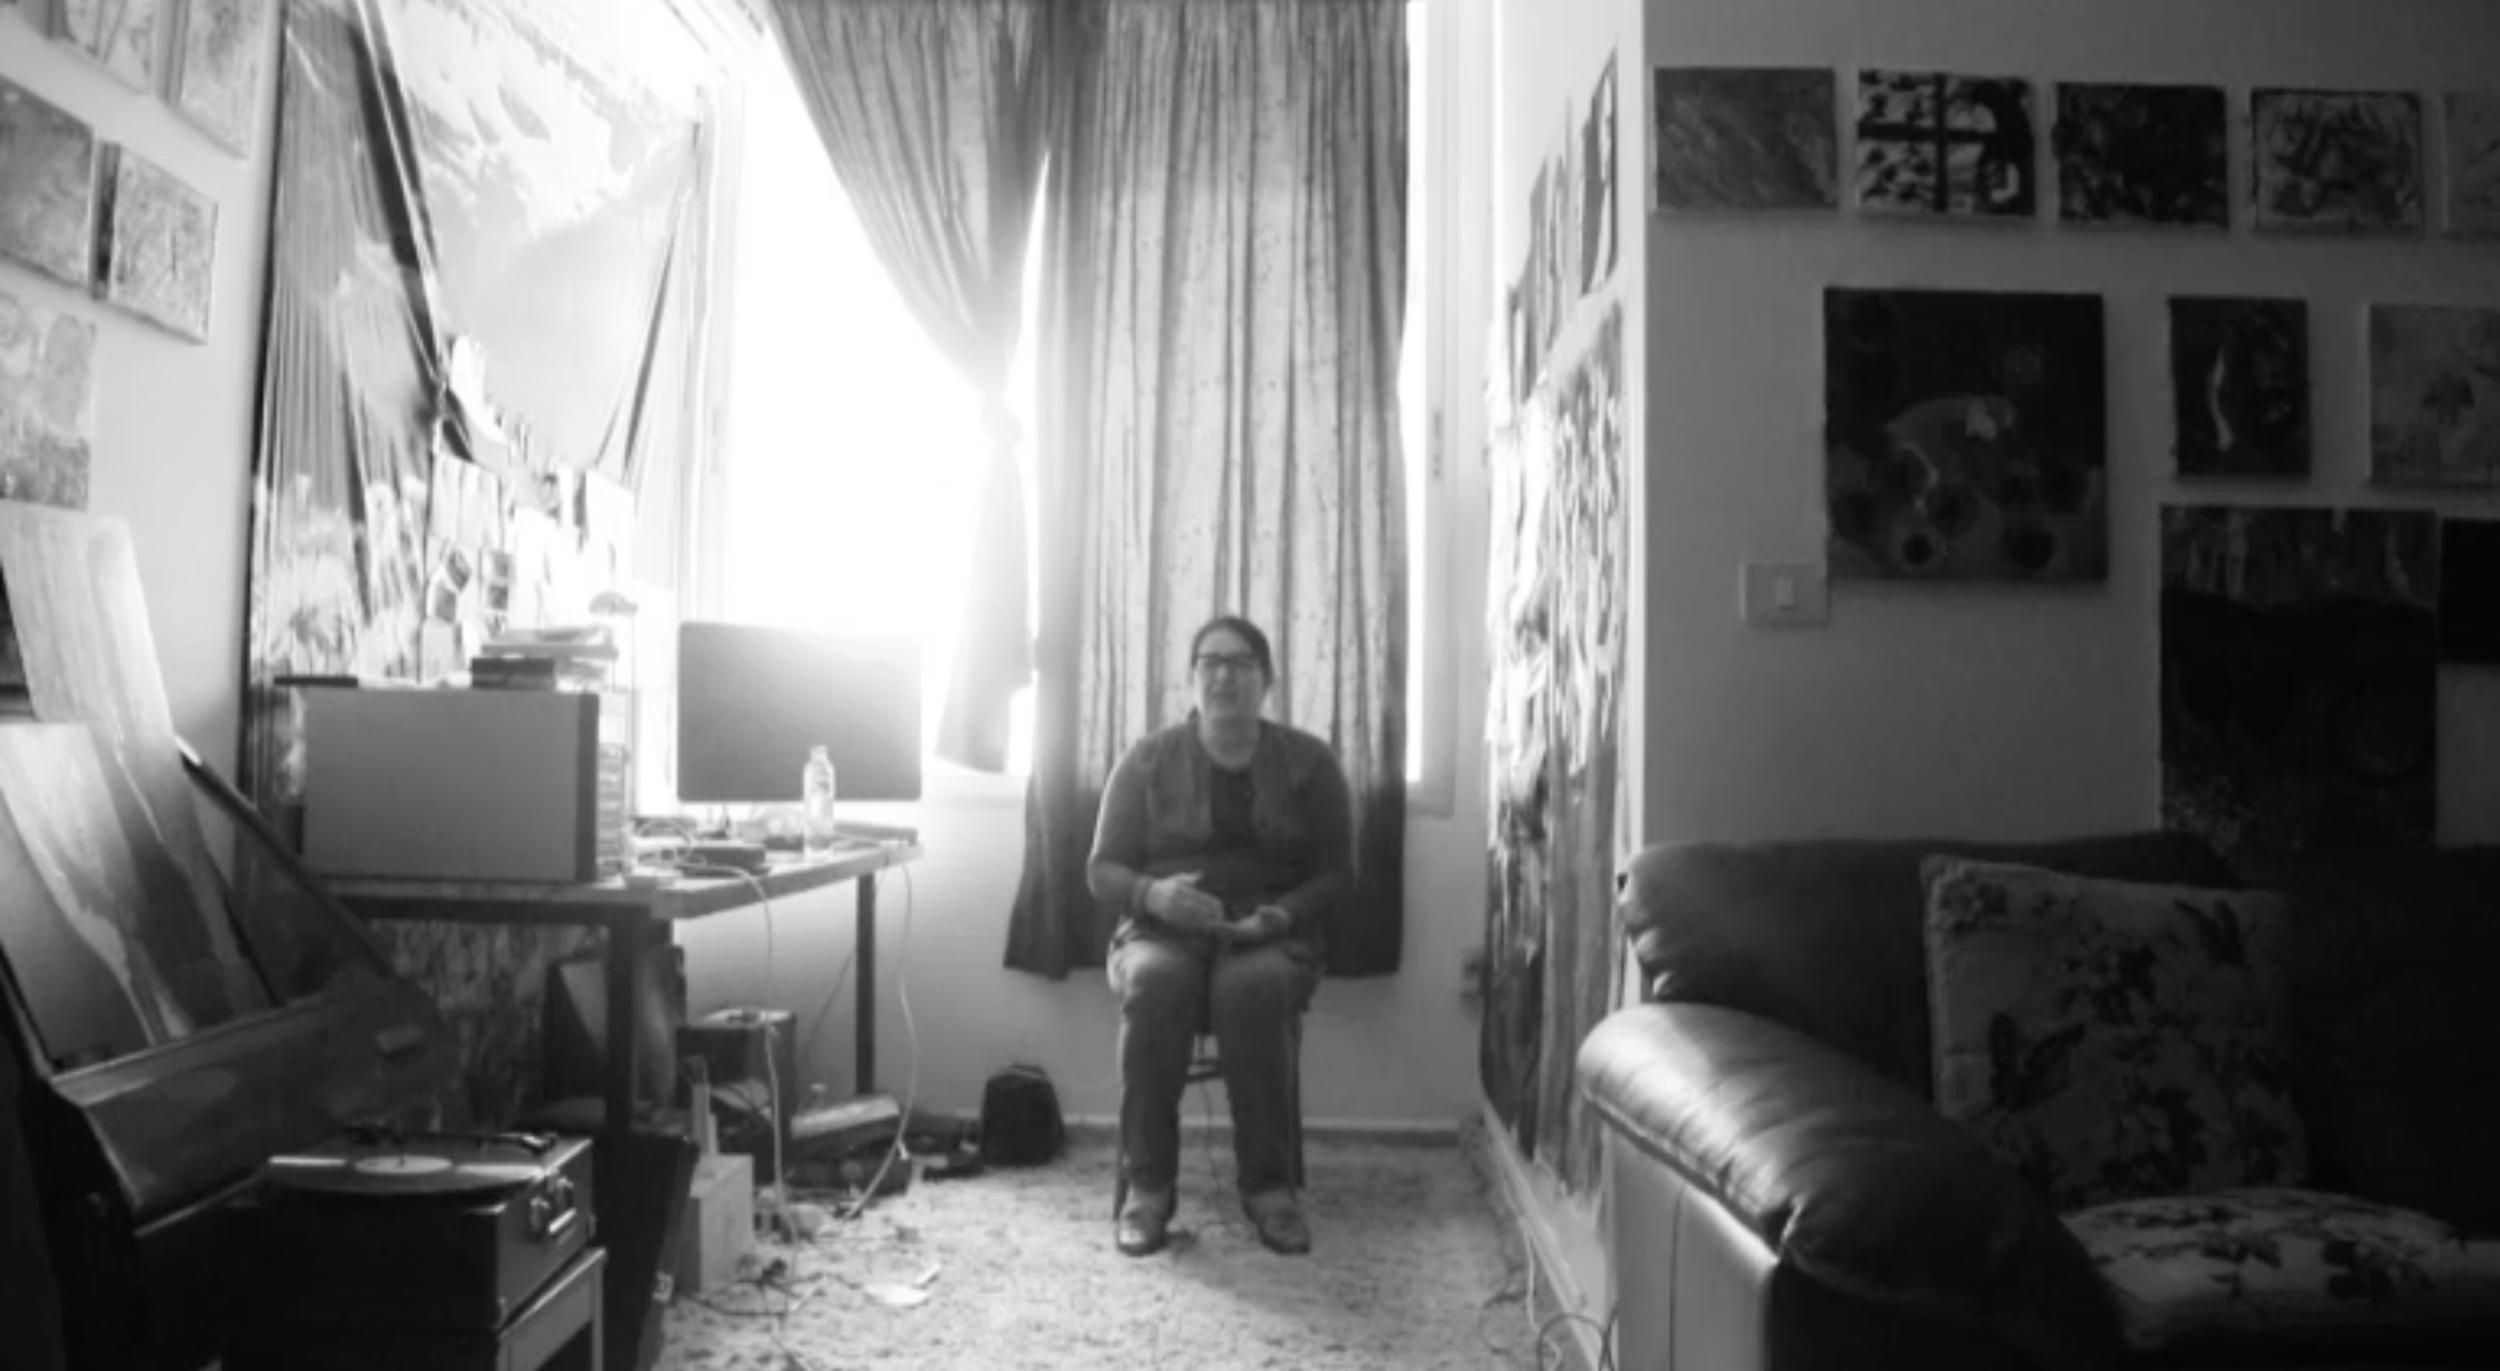 بقلم بانا بيضون     شارك الفيلم اللبناني «ترويقة في بيروت» لفرح زين الهاشم في «مهرجان الإسكندرية السينمائي لدول البحر المتوسط ــ 31» (راجع مقال الزميل محمد الأزن) الذي يستمر حتى الثامن من أيلول (سبتمبر) الحالي. وكان قد حاز فيلم المخرجة اللبنانية الكويتية الشابة القصير «سبع ساعات» (٢٠١٣) جوائز في مهرجانات عالمية في سانتا مونيكا وكاليفورنيا و«المهرجان الأوروبي المستقل في باريس».